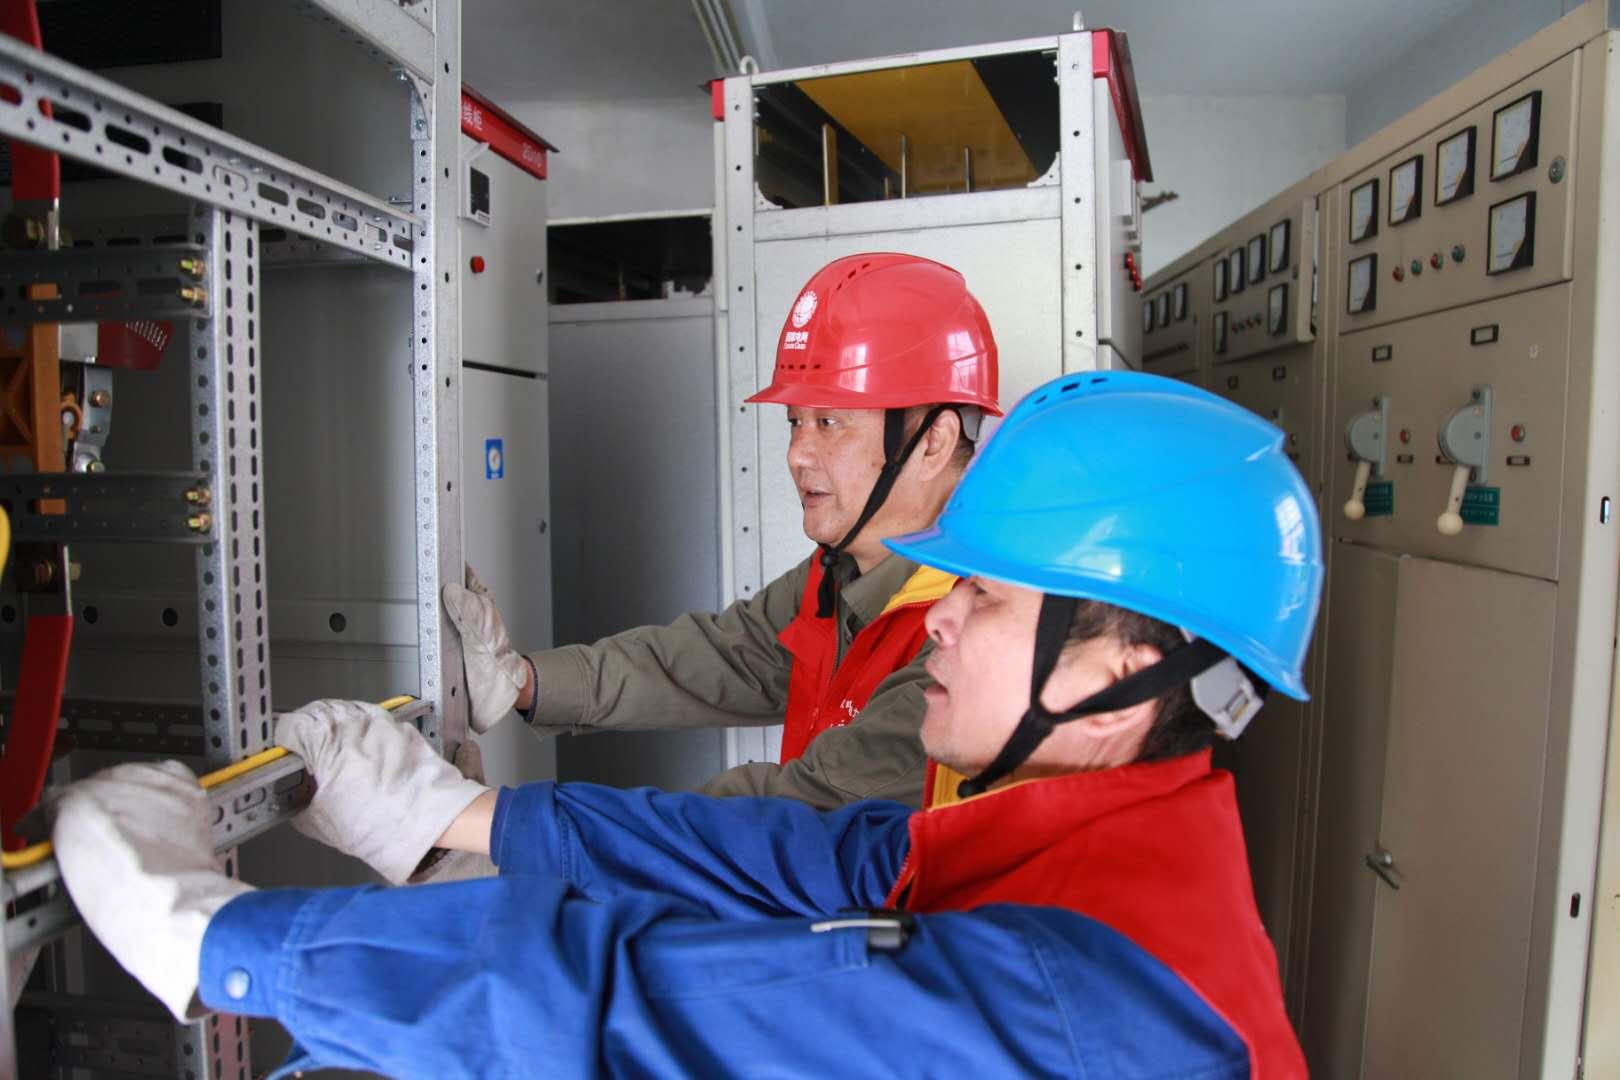 国网宁波市鄞州区供电公司:老旧小区焕然一新,居民幸福感显著提高